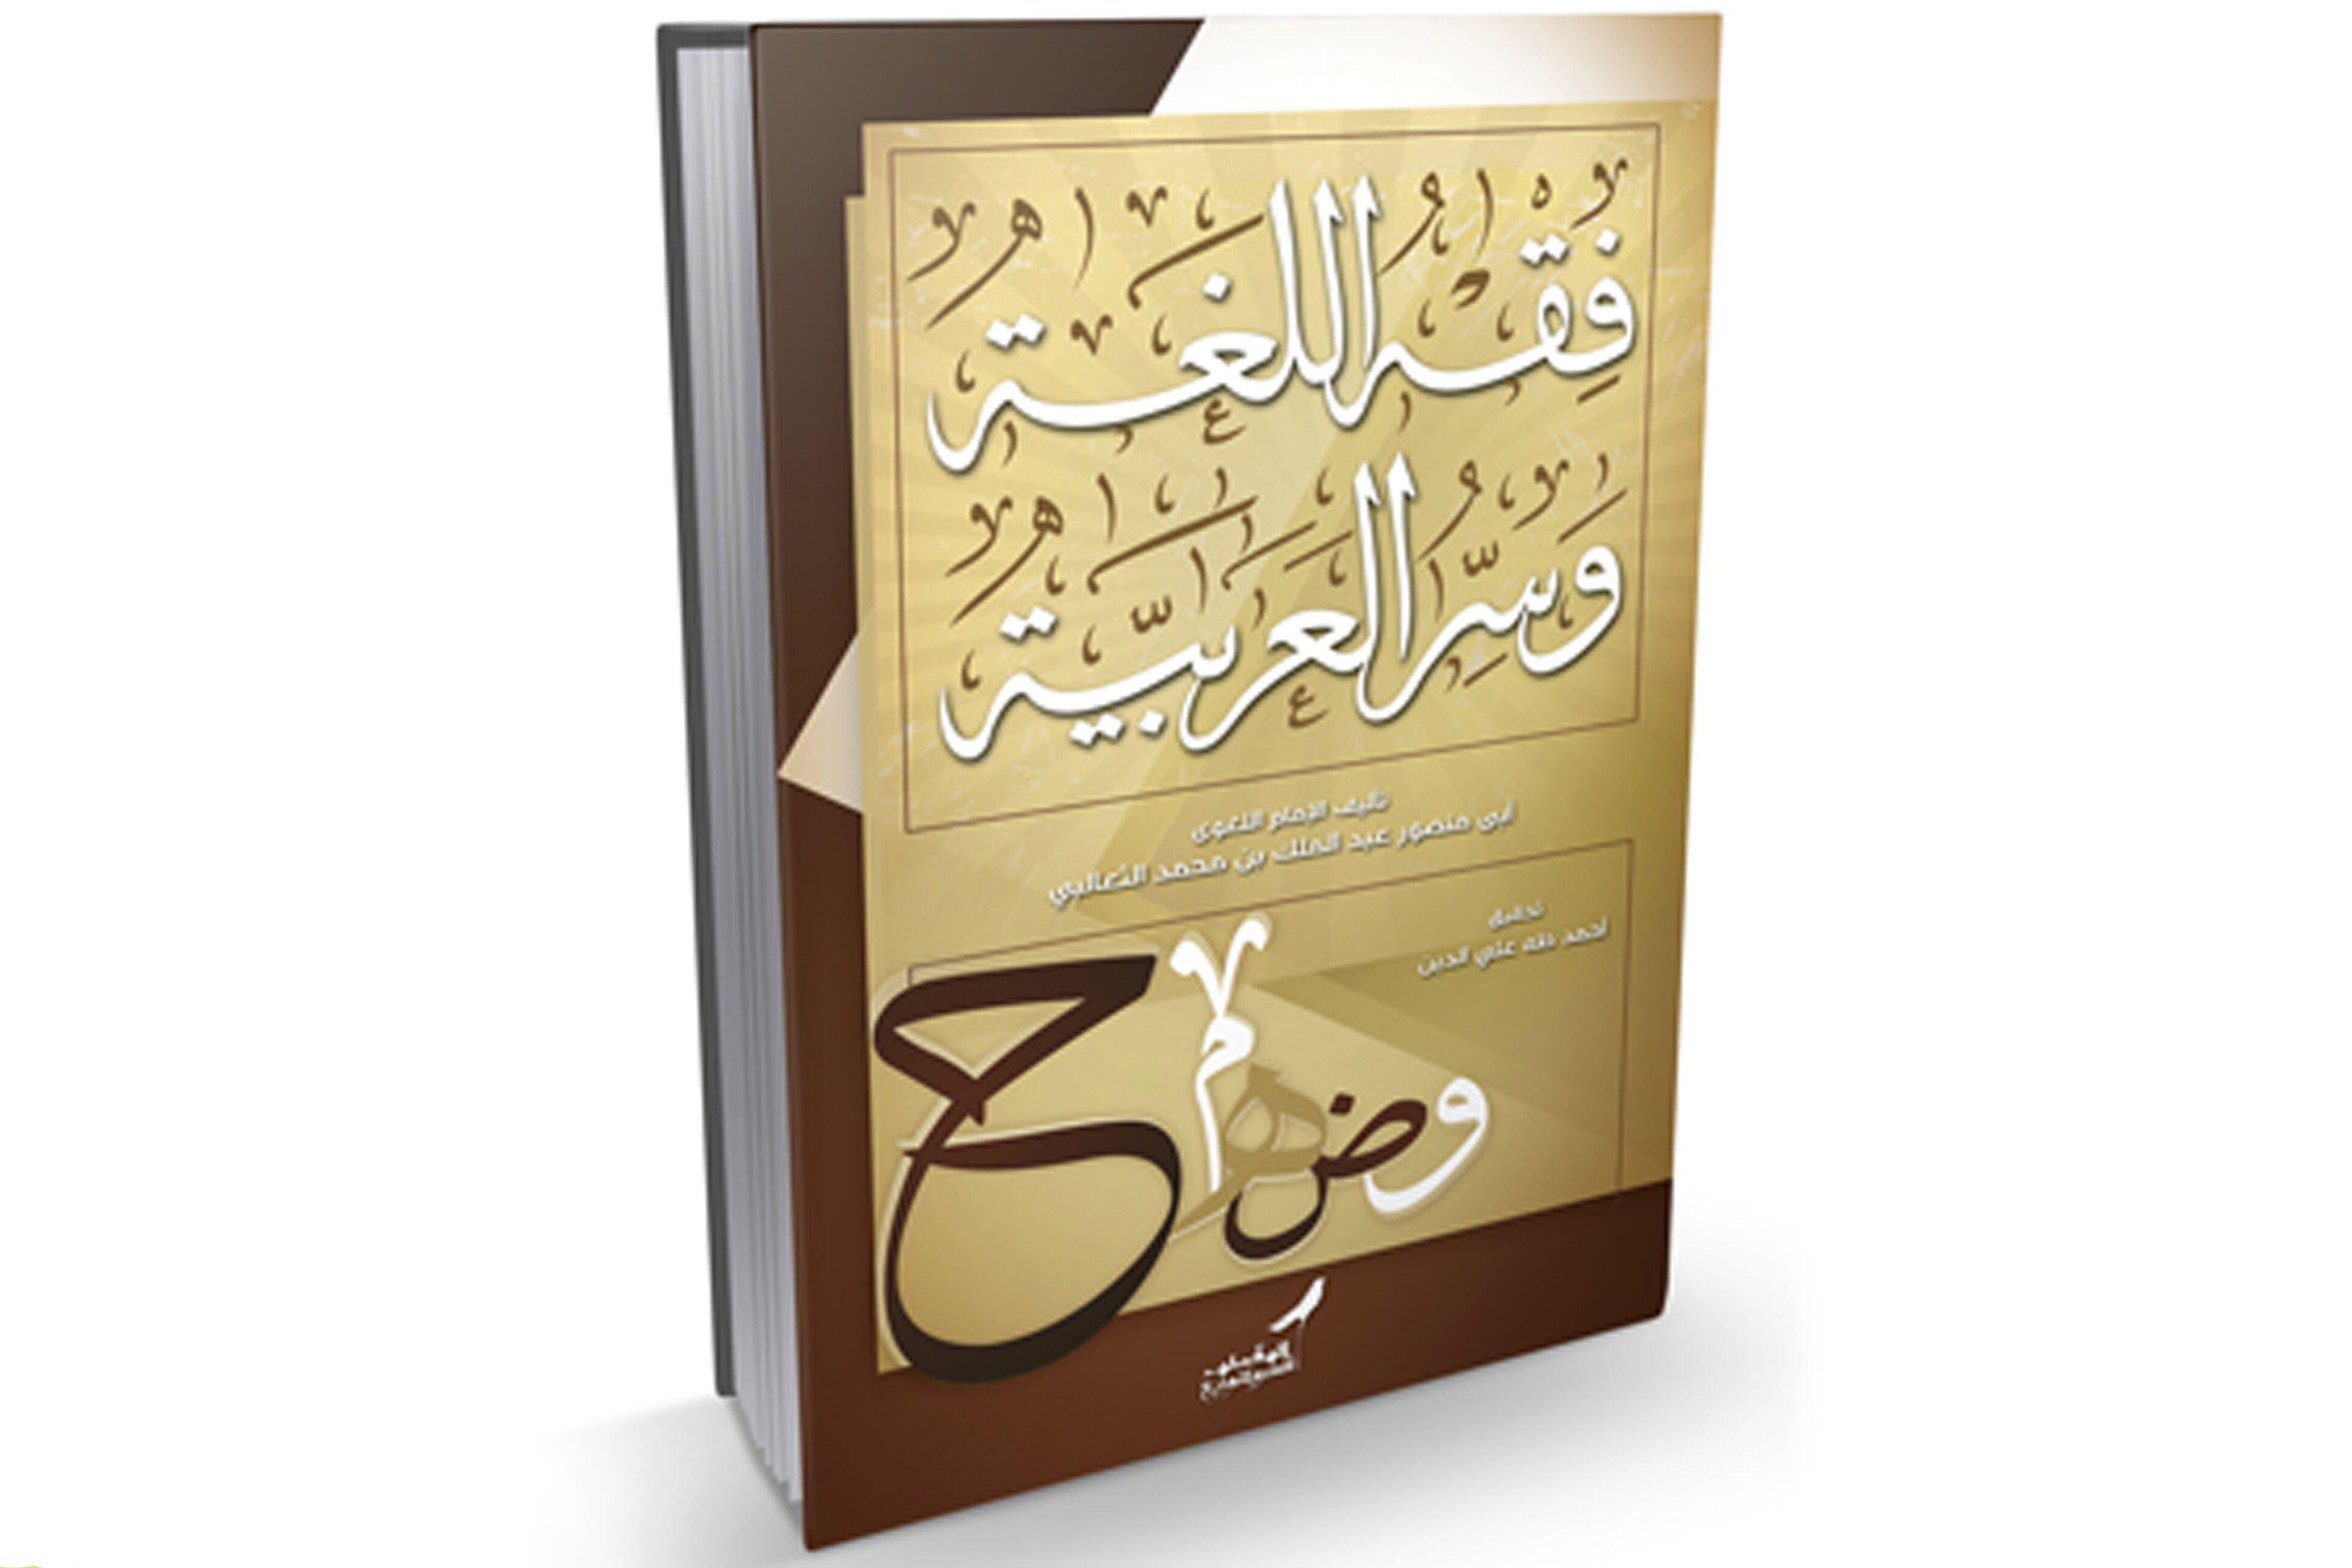 كتاب فقه اللغة وسر العربية للثعالبي pdf